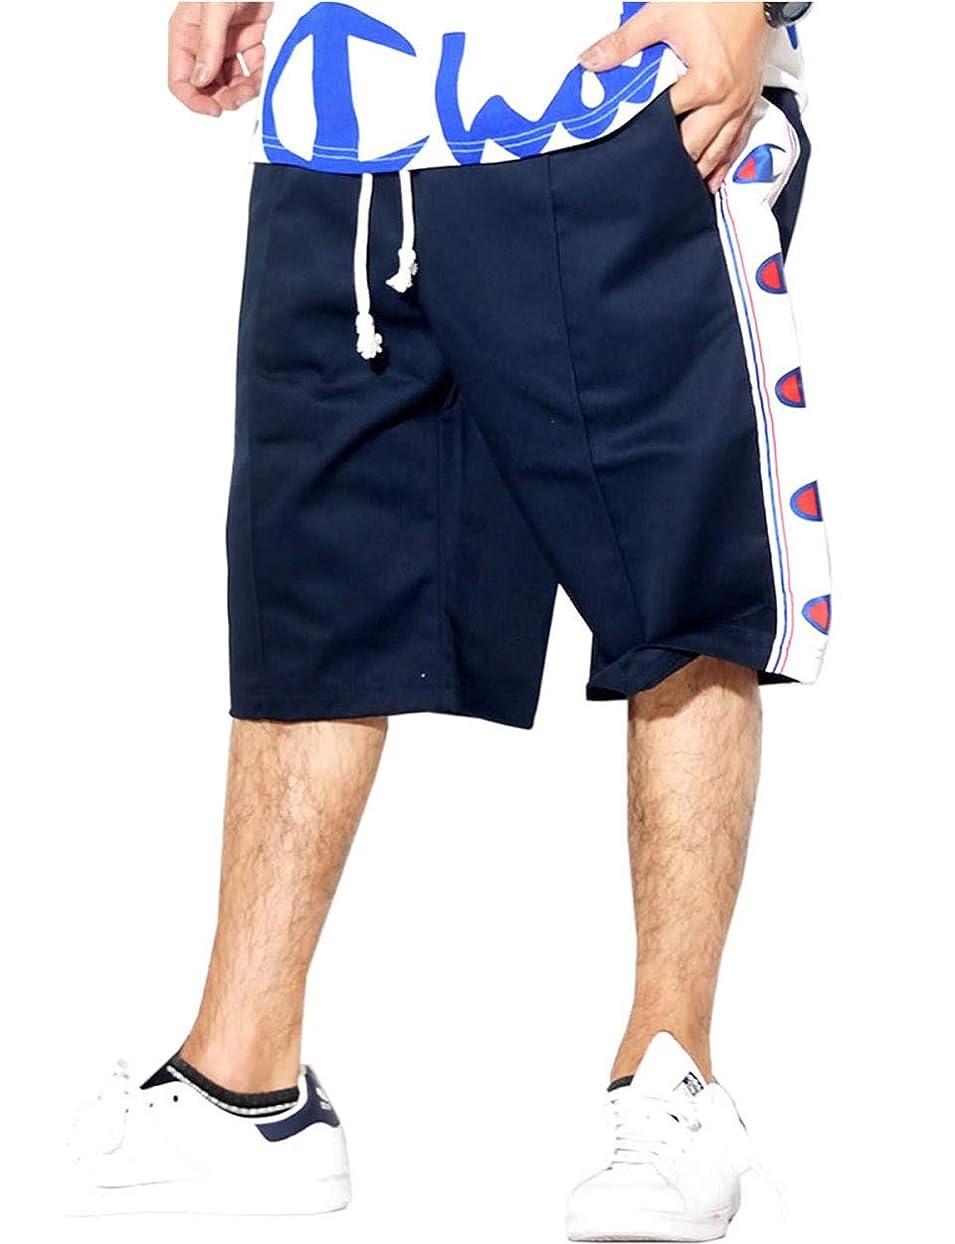 優遇適度に雨チャンピオン (Champion) ハーフパンツ メンズ ショーツ ヨーロッパライン 春 夏 秋 b系 ストリート系 ファッション 213075 2カラー [並行輸入品]